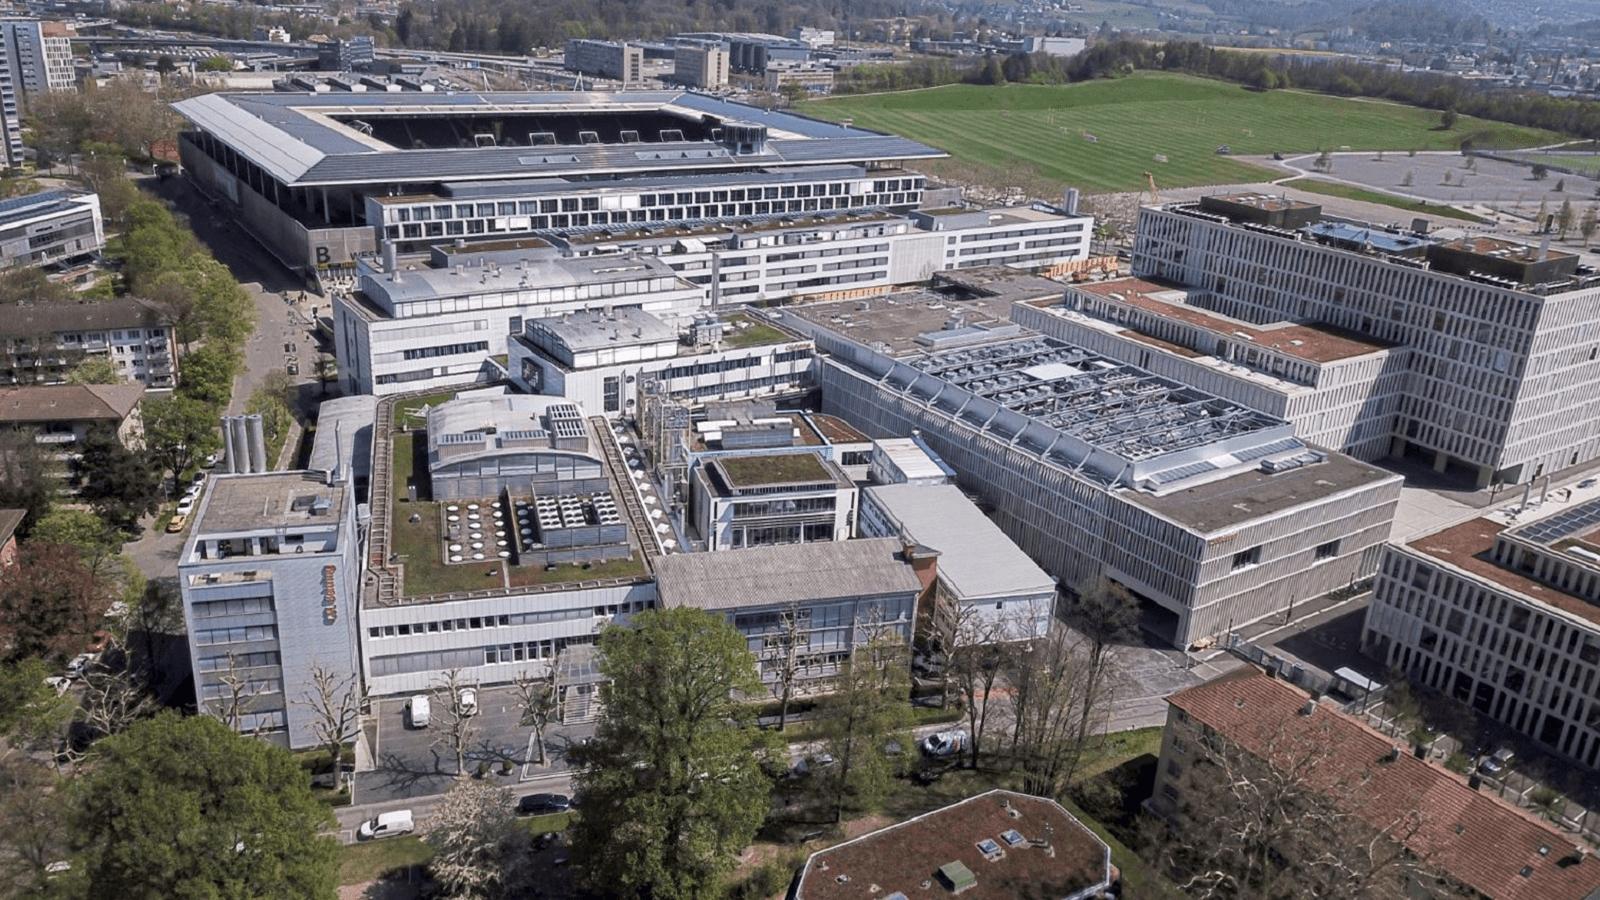 Vue aérienne du site de Berne